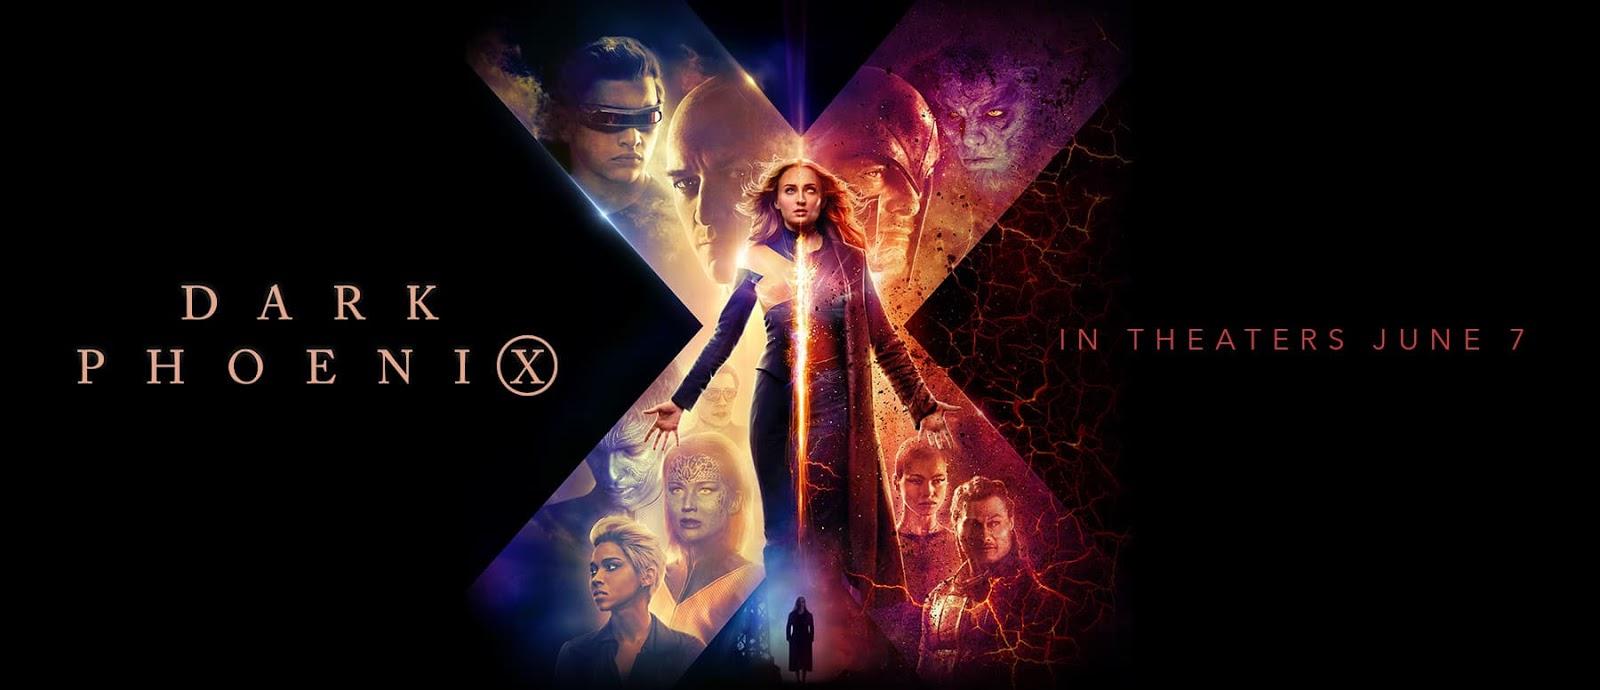 X-MEN: Dark Phoenix Trailer 2 (2019) Out Now